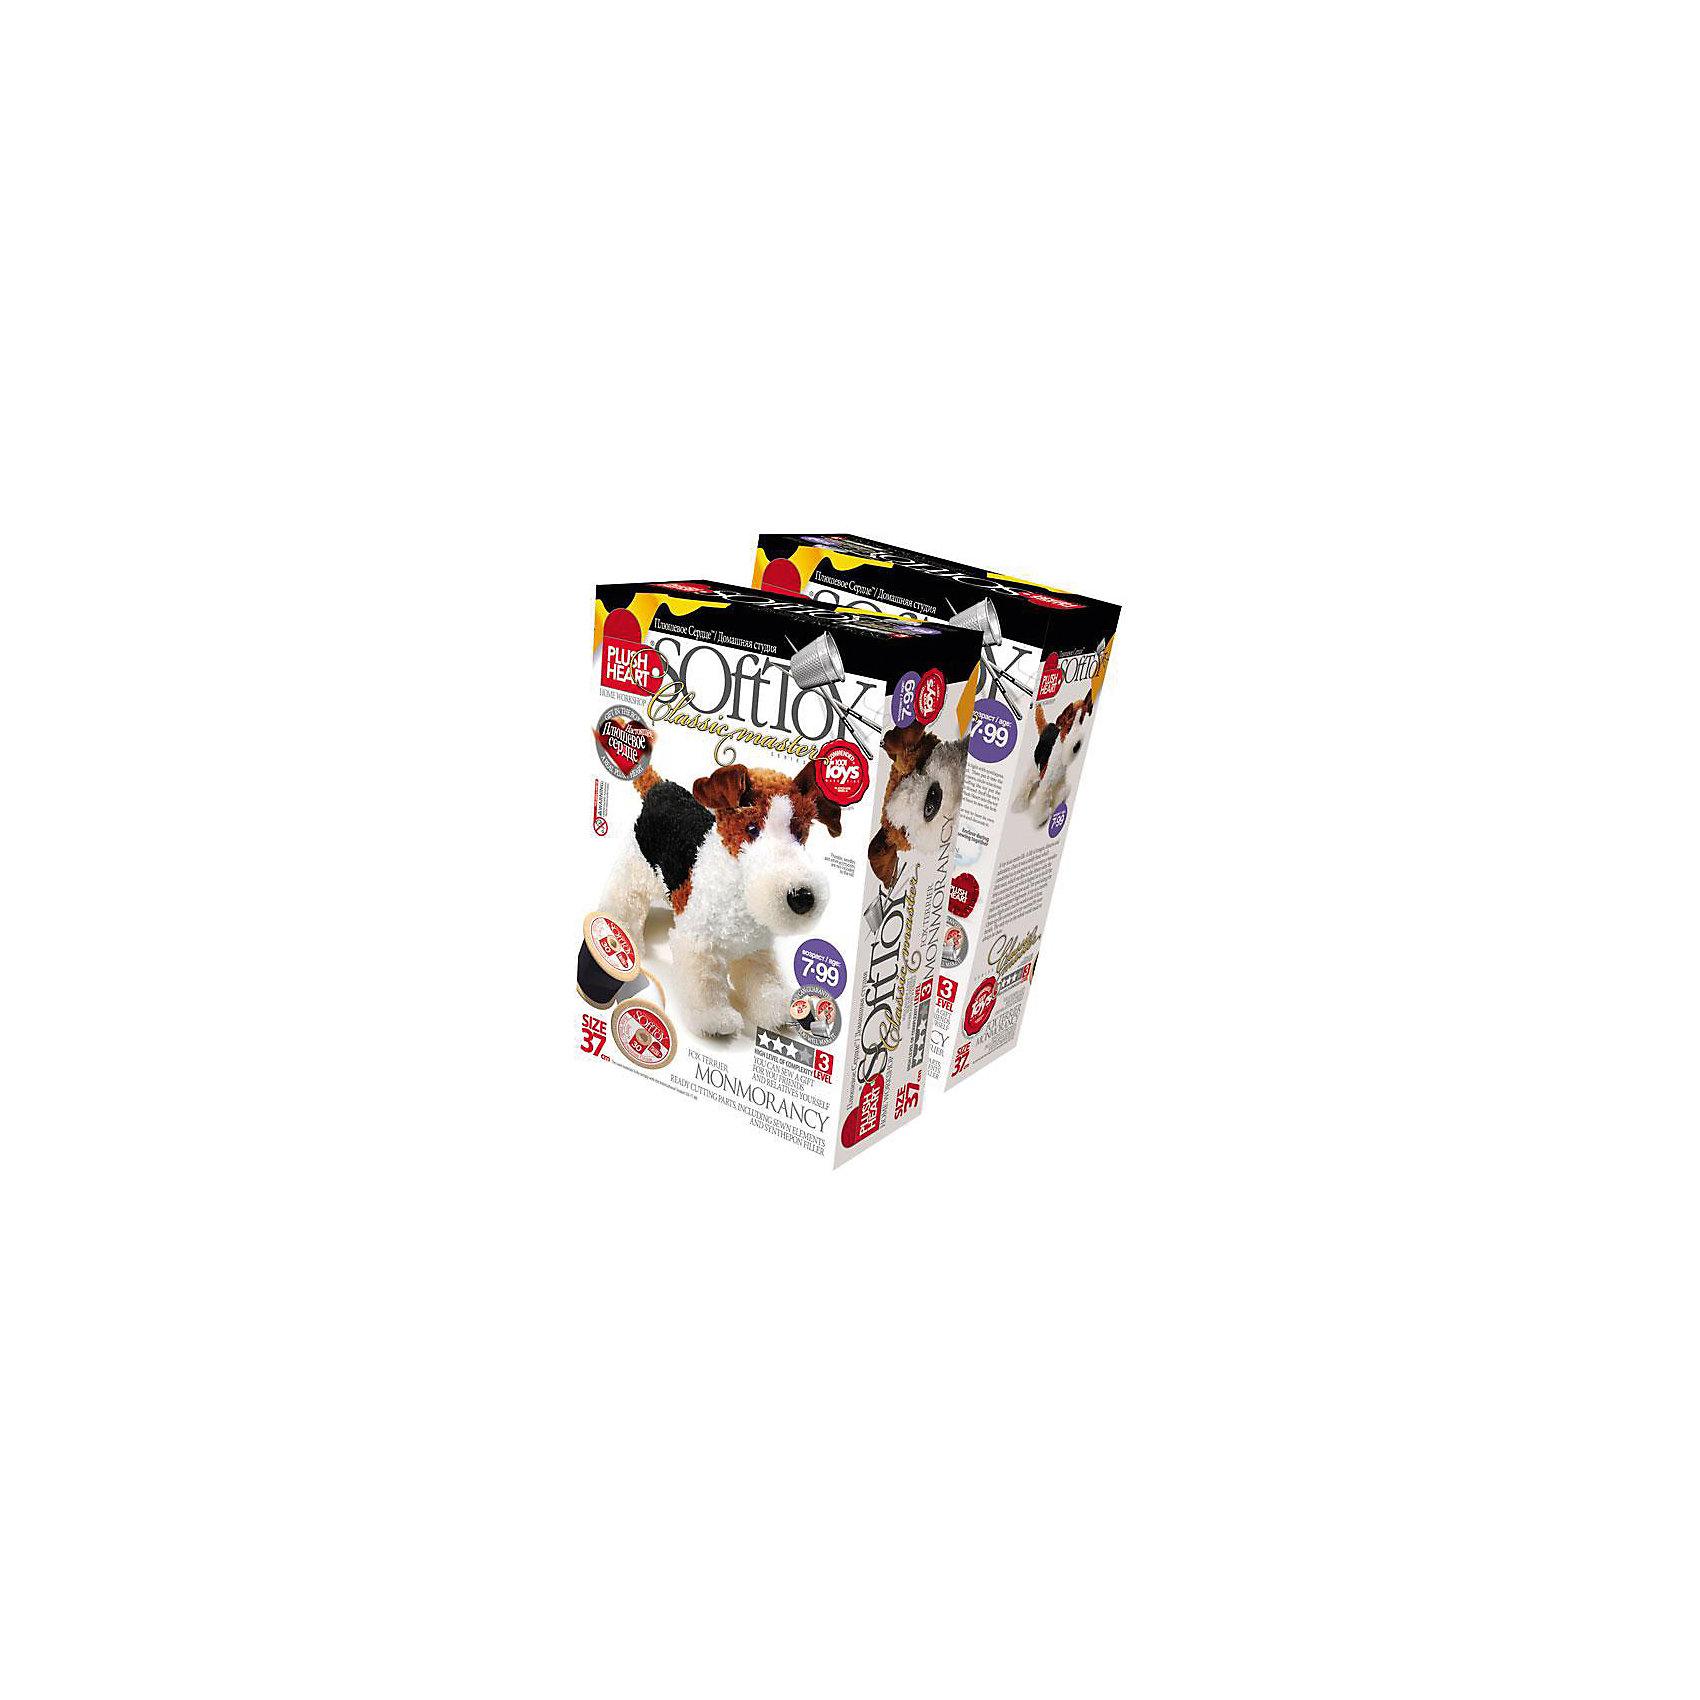 Набор Фокстерьер Монморенси, Plush HeartРукоделие<br>Из Набора Фокстерьер Монморенси, Plush Heart (Плюшевое сердце) Ваш ребенок сможет сшить великолепную мягкую игрушку собачку породы фокстерьер. В комплект набора, кроме необходимых аксессуаров, чертежей выкройки и заготовок, входит маленькое плюшевое сердечко, которое вкладывается внутрь мягкой игрушки, что делает ее почти живой. Уровень сложности 3 из 4.<br><br>Комплектация: пошитая голова игрушки, детали туловища, синтепоновая набивка, мешочек с полимерными гранулами, нитки, плюшевое сердце<br><br>Дополнительная информация:<br>-Вес в упаковке: 310 г <br>-Размеры в упаковке: 280х190х90 мм<br>-Материалы: синтепон, полимерные гранулы, плюш, текстиль<br>-Размер готовой игрушки: 370 мм<br><br>Набор Фокстерьер Монморенси станет отличным подарком как для юных мастеров и мастериц, ведь пушистый и добрый фокстерьер, сделанный своими руками, будет верным другом для своих хозяев!<br><br>Набор Фокстерьер Монморенси, Plush Heart (Плюшевое сердце) можно купить в нашем магазине.<br><br>Ширина мм: 280<br>Глубина мм: 190<br>Высота мм: 90<br>Вес г: 310<br>Возраст от месяцев: 84<br>Возраст до месяцев: 144<br>Пол: Женский<br>Возраст: Детский<br>SKU: 4051626